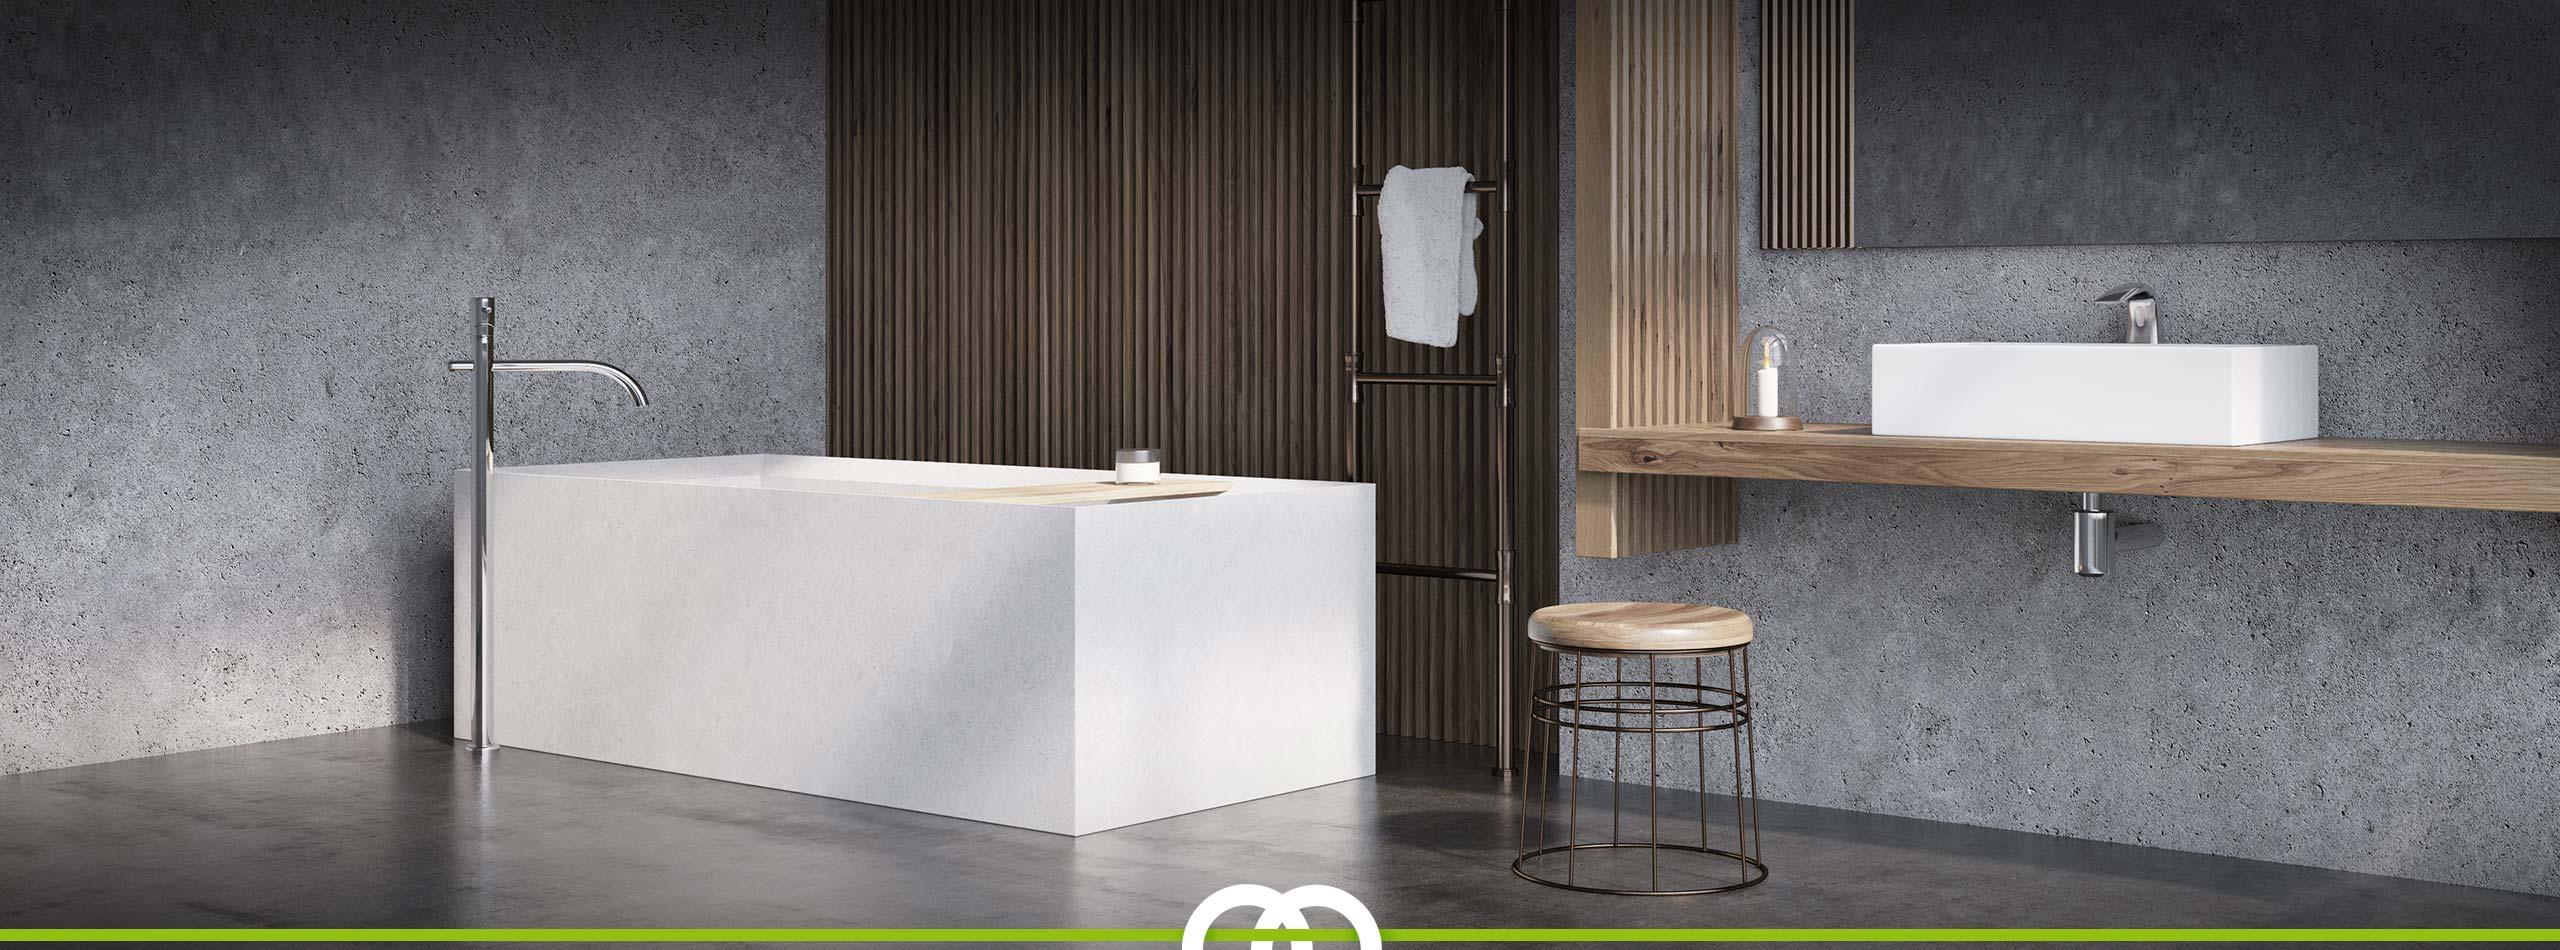 Badkamer verbouwen door de installateur uit Lemelerveld